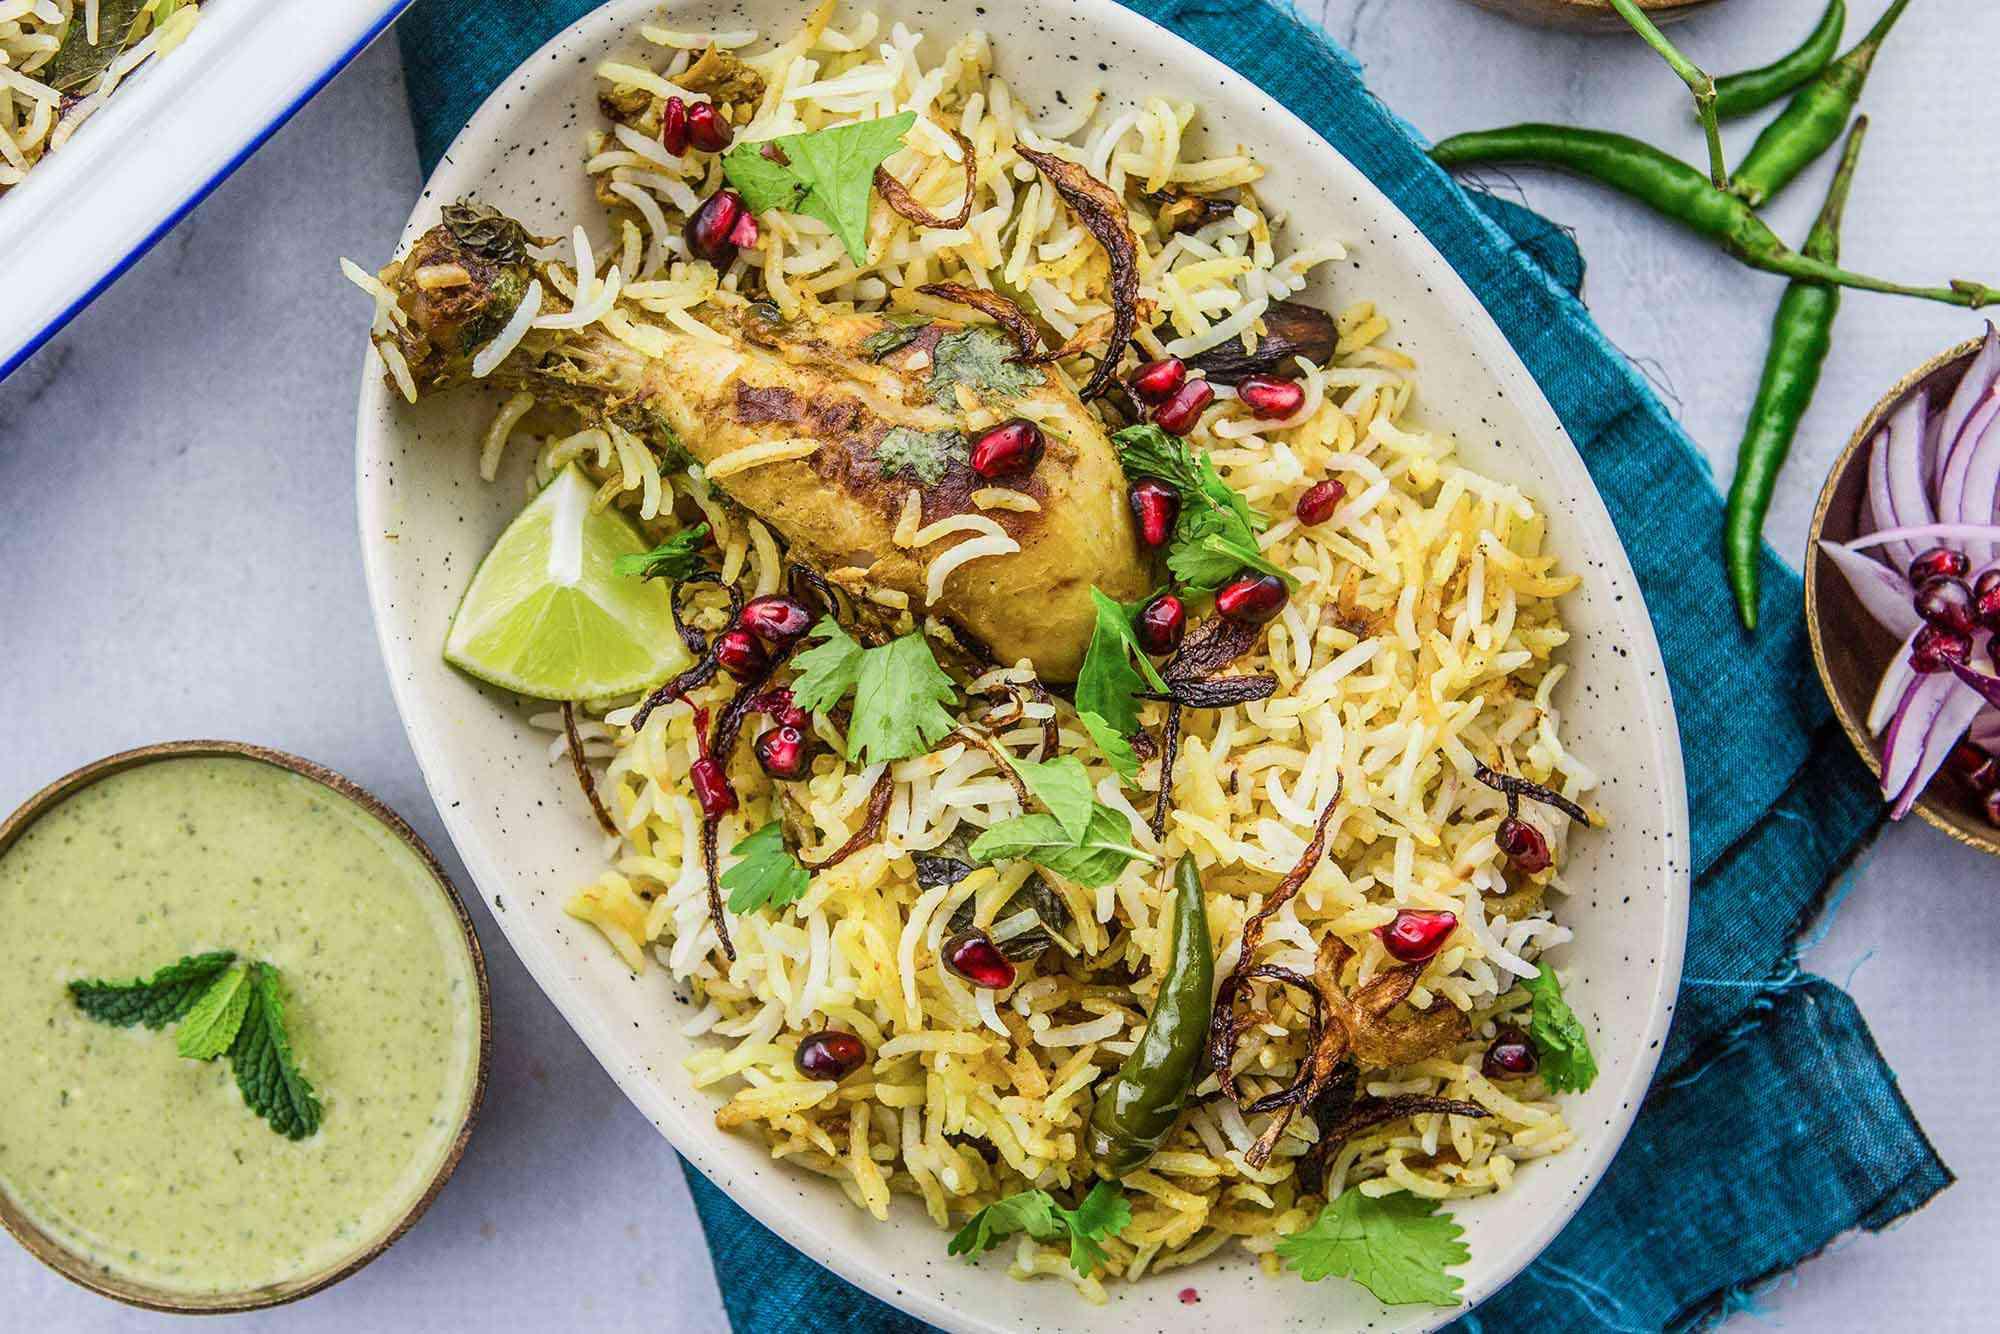 Easy Biryani with Chicken serve the biryani